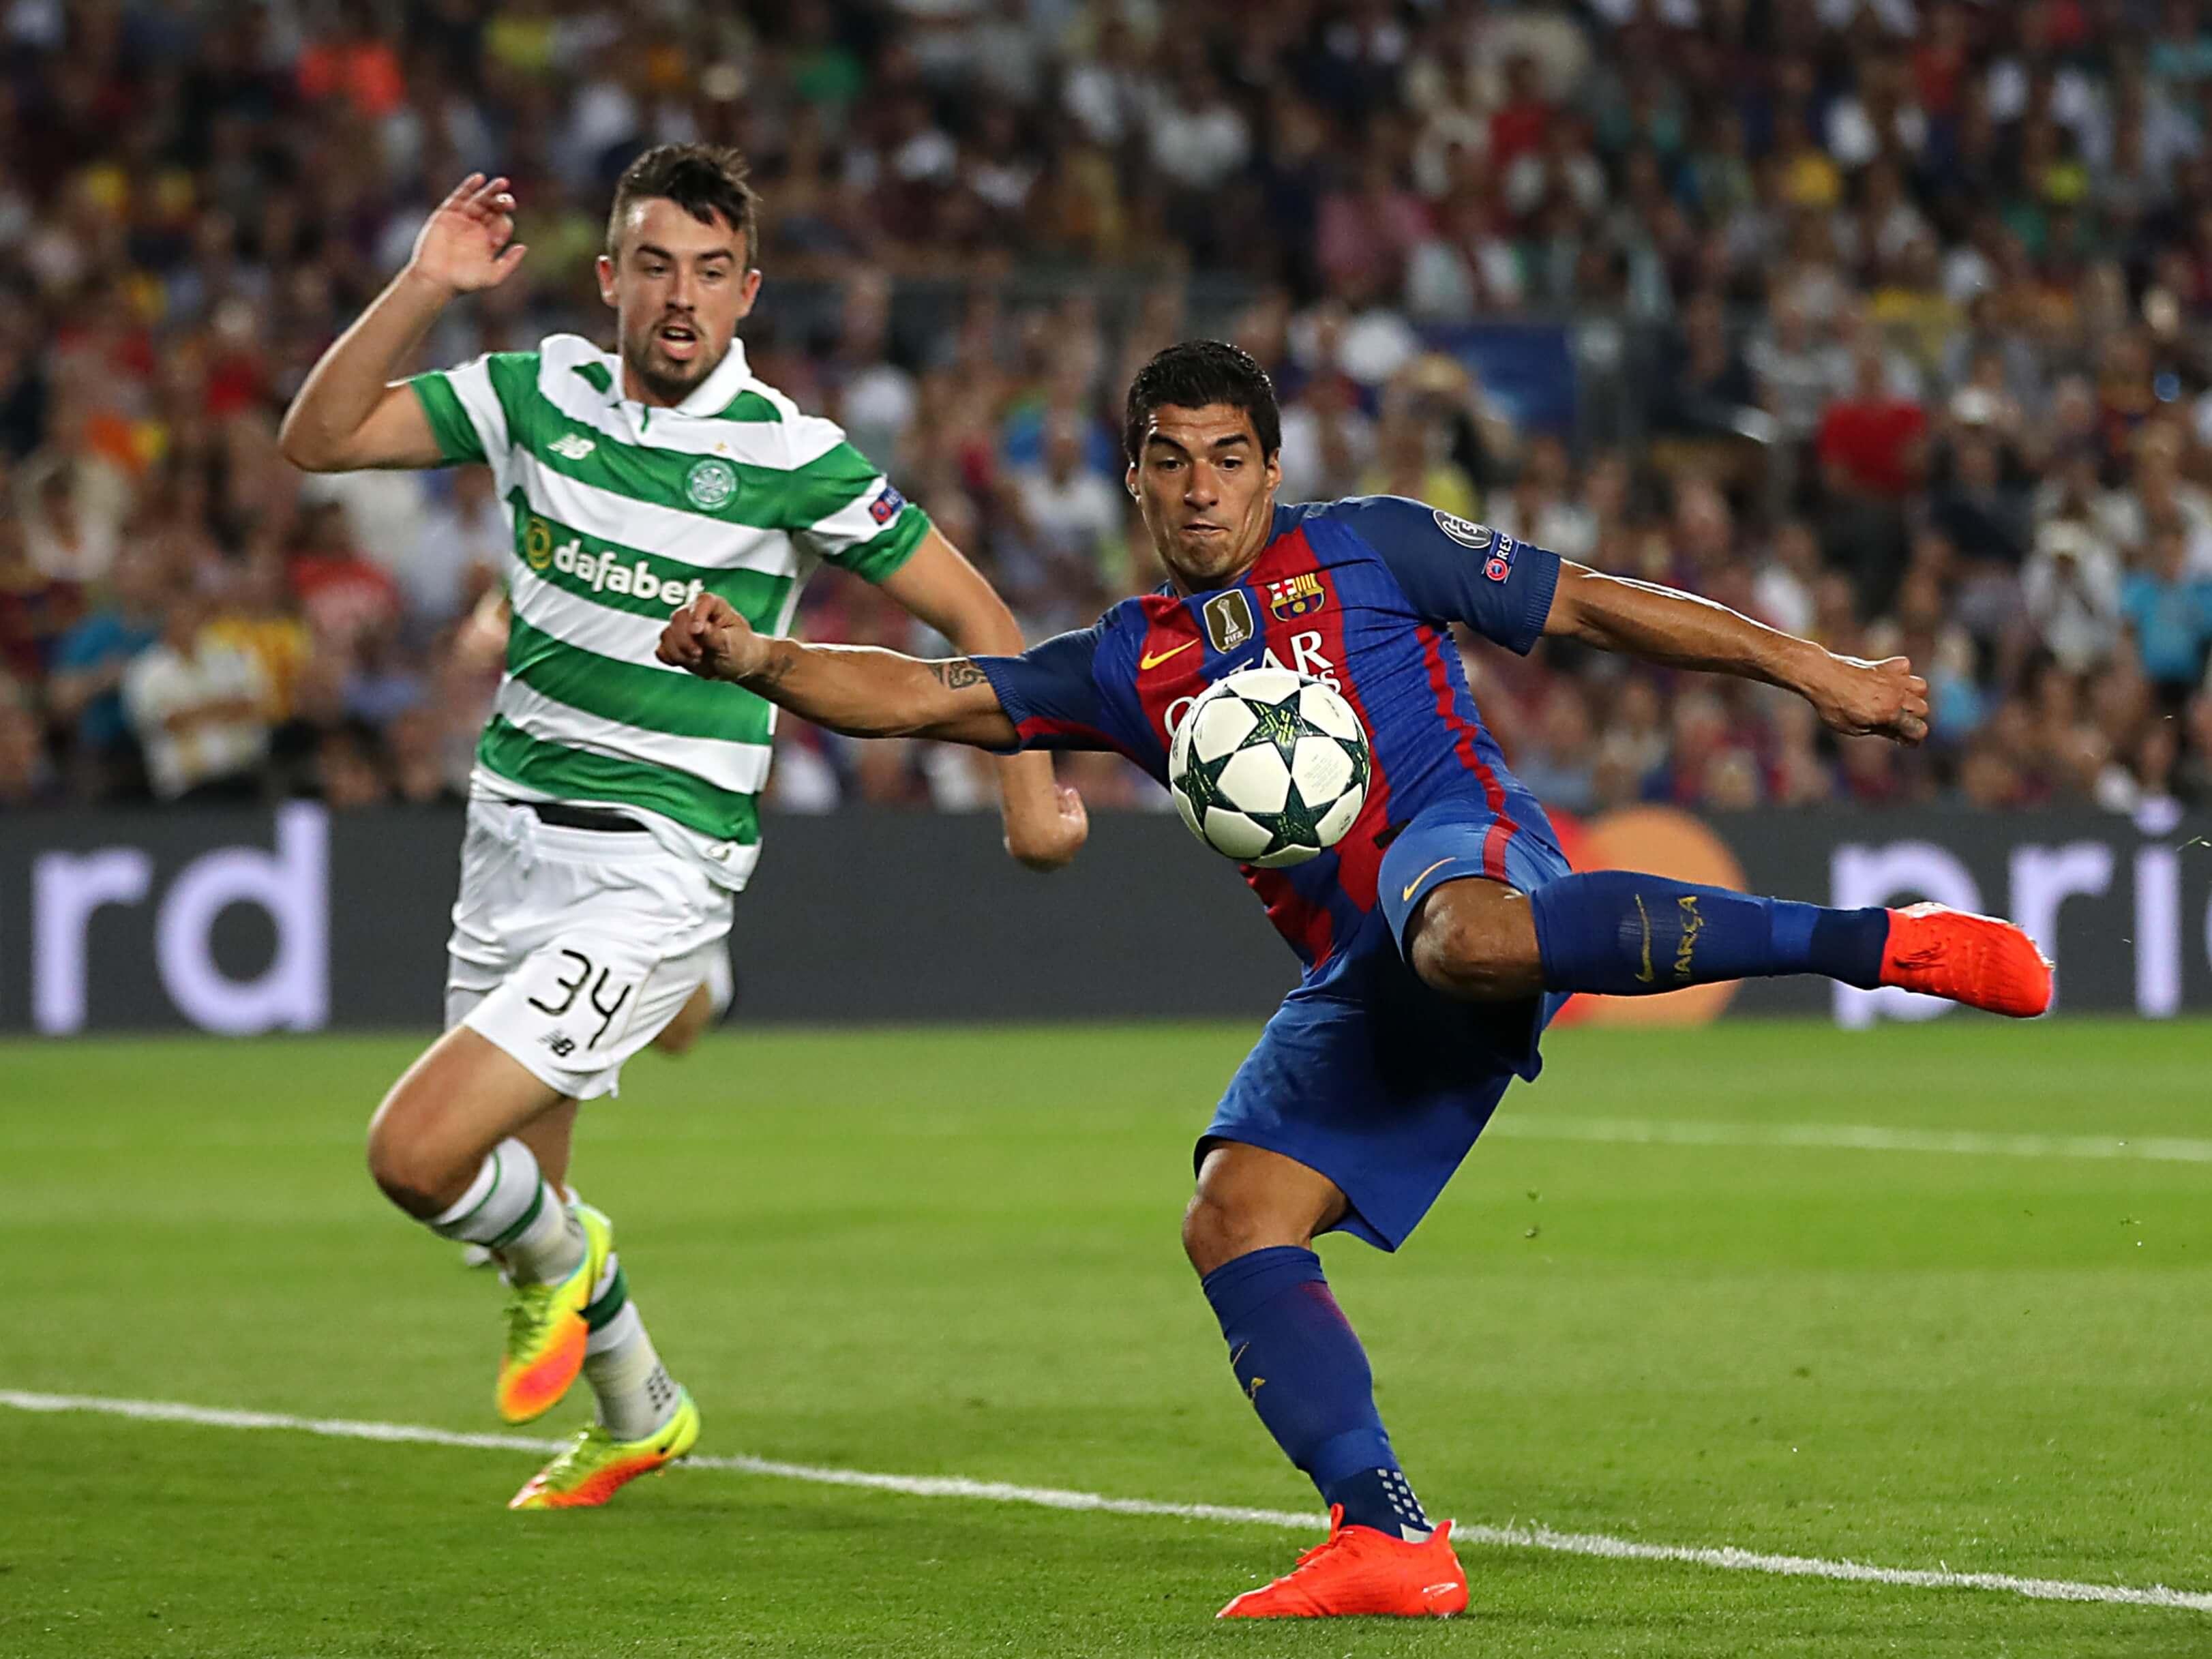 Luis Suarez for Barcelona